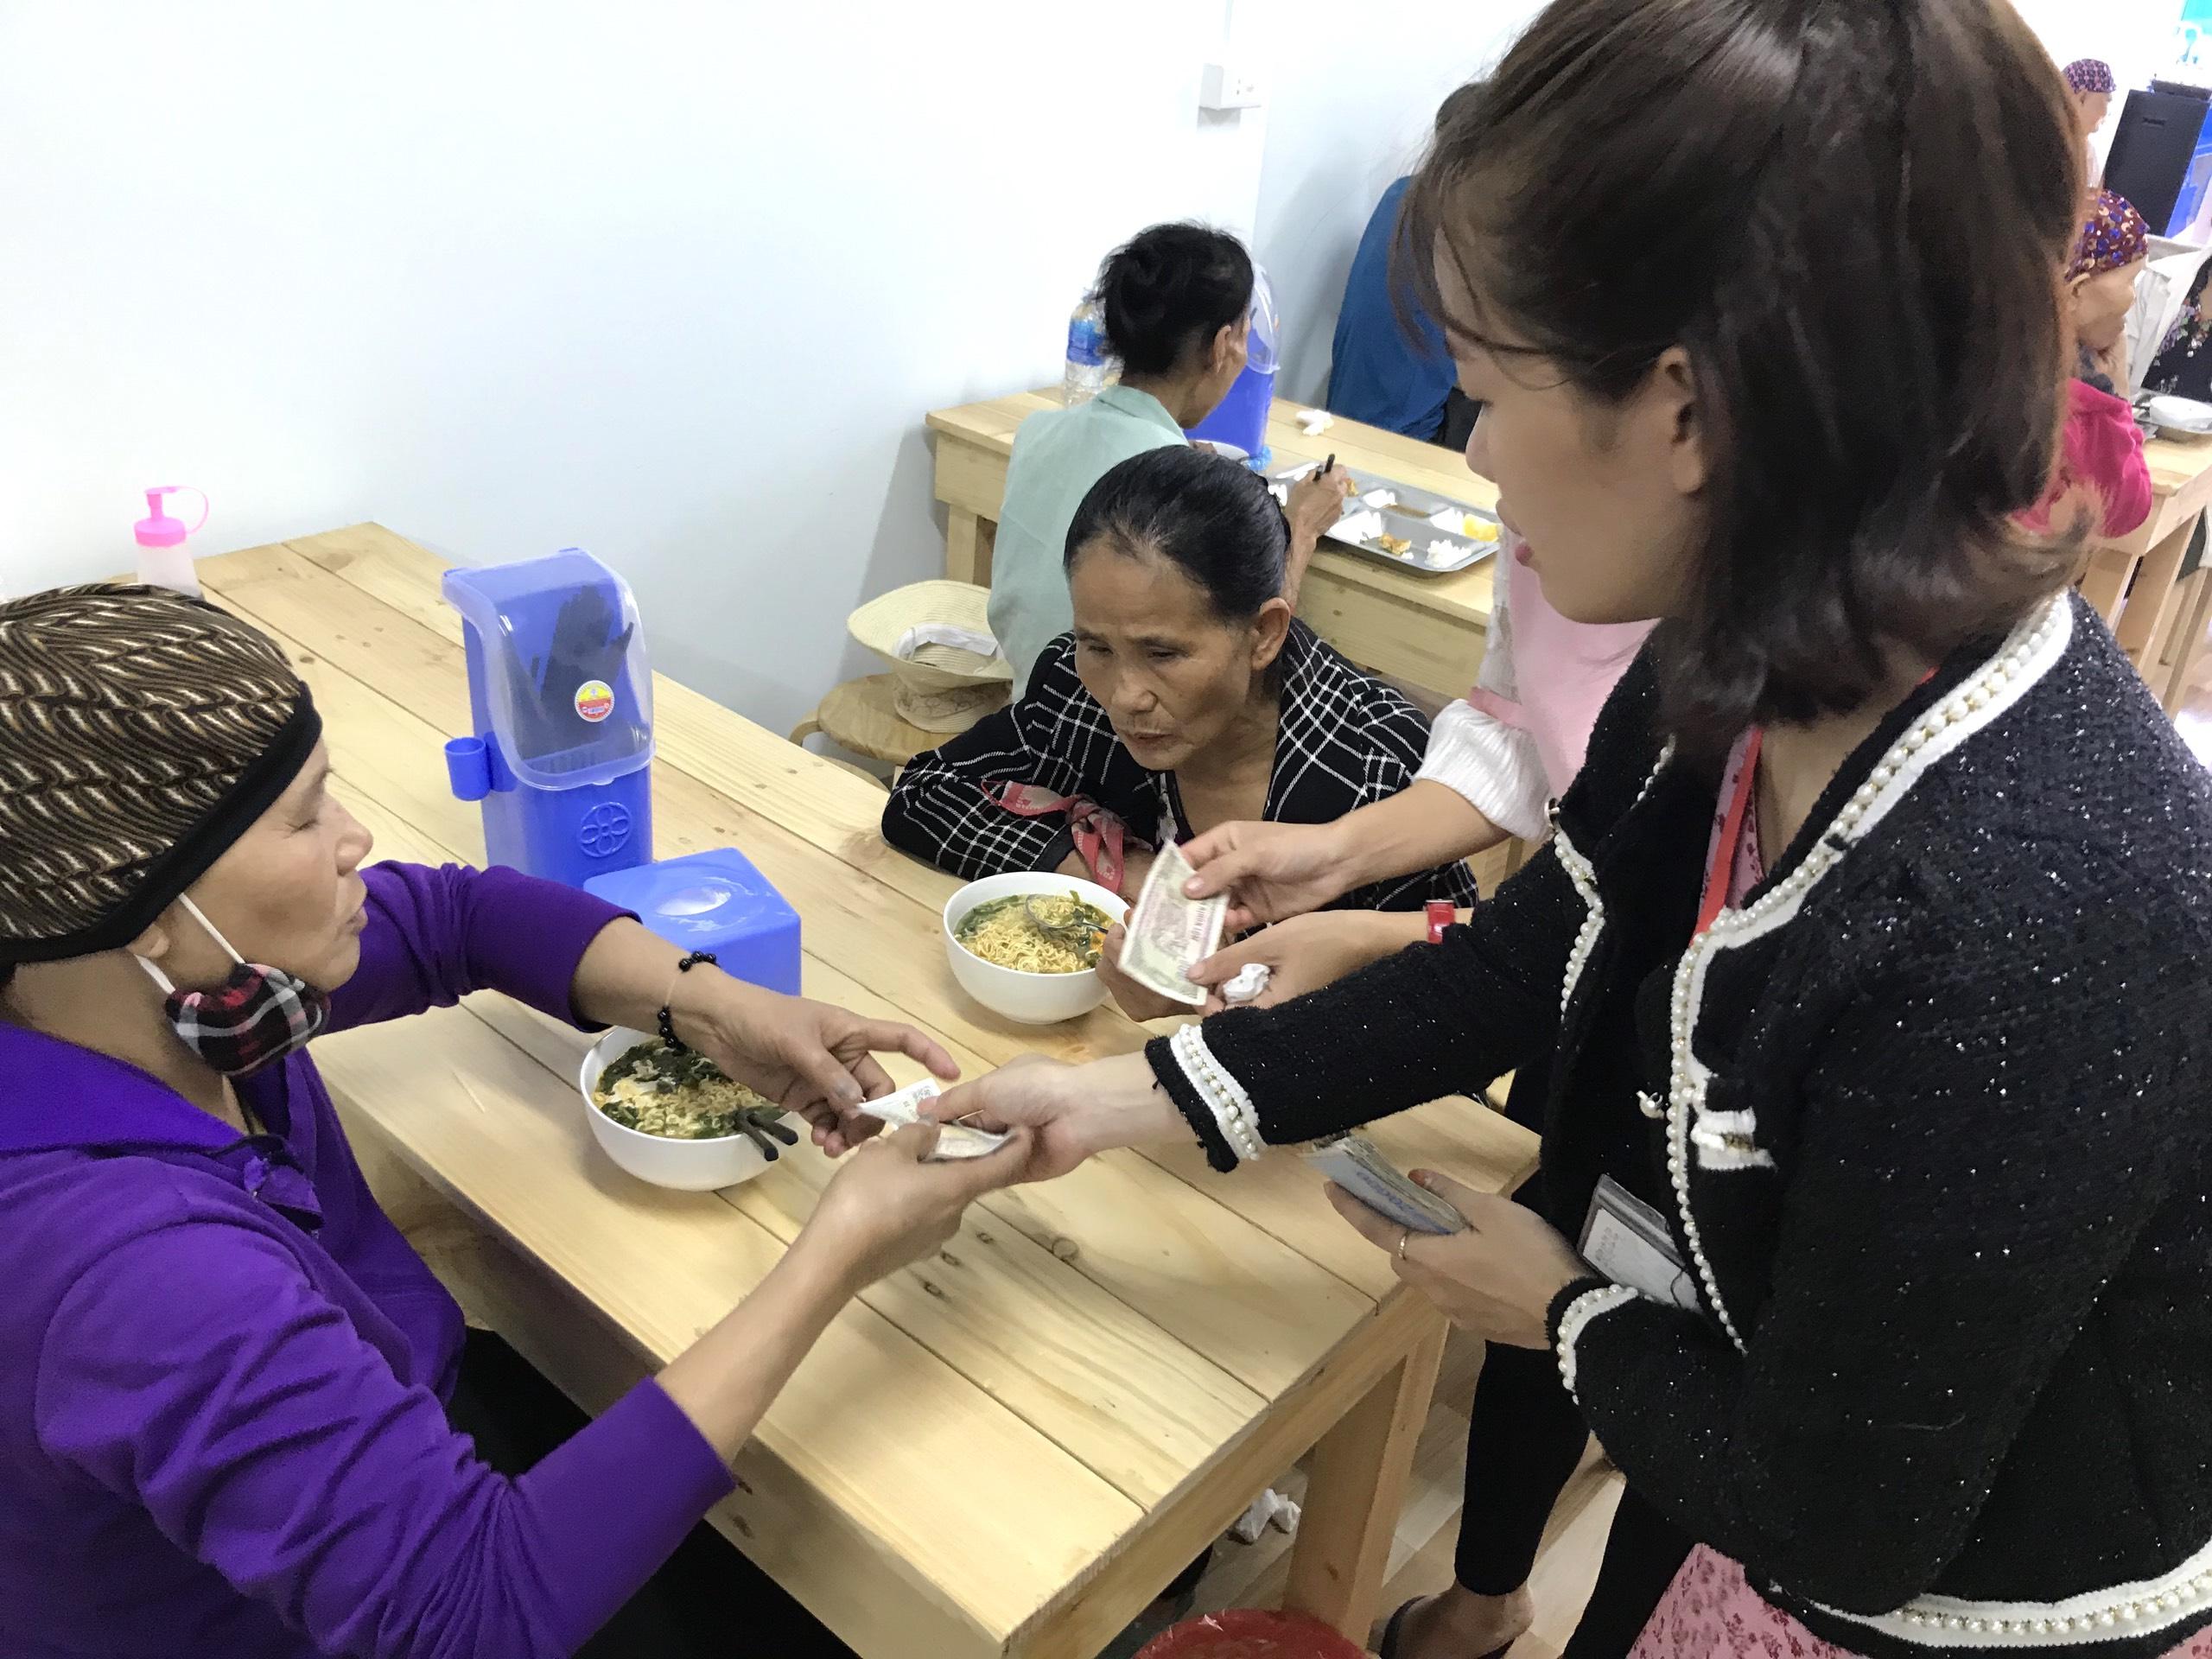 Quán cơm 2000 đồng đầu tiên ở Nghệ An: Ai không có tiền vẫn mời họ vào ăn - Ảnh 12.